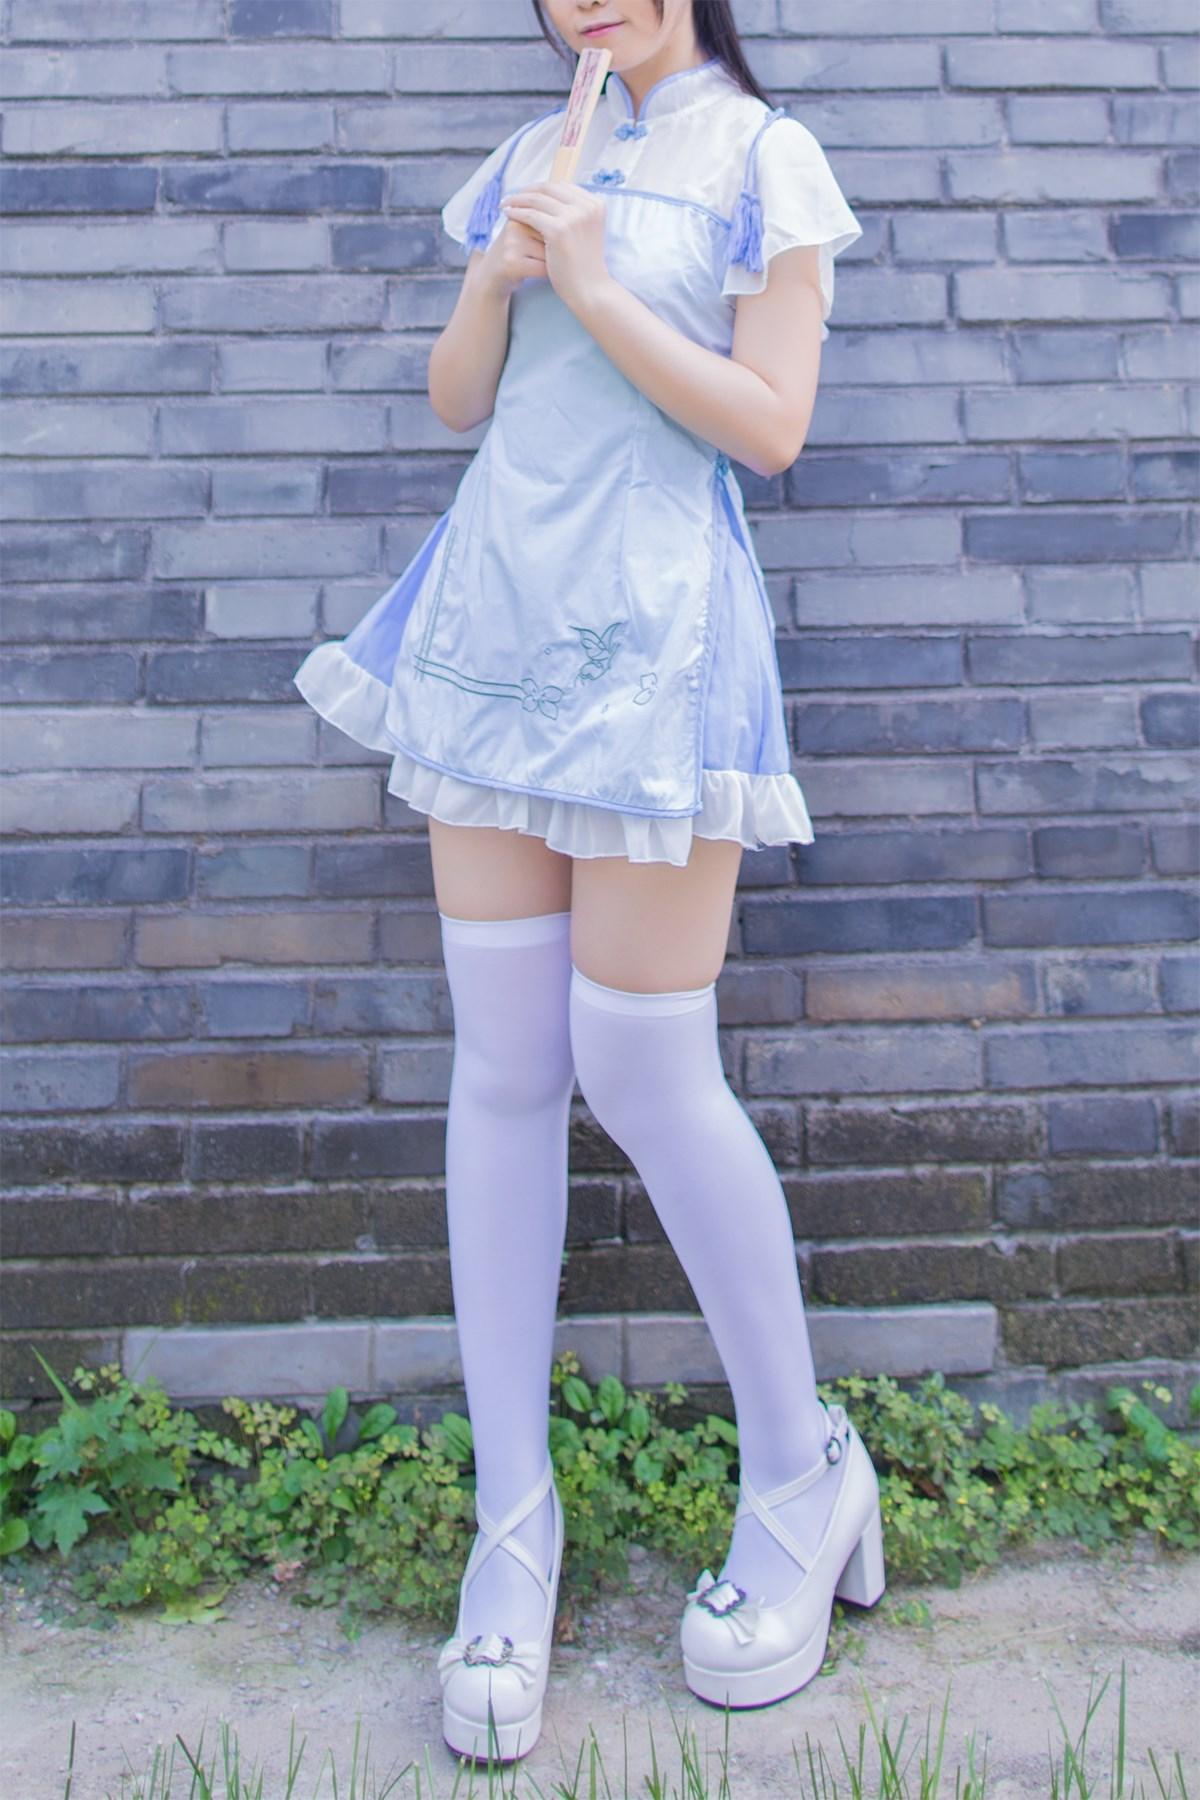 【兔玩映画】白丝旗袍 兔玩映画 第17张